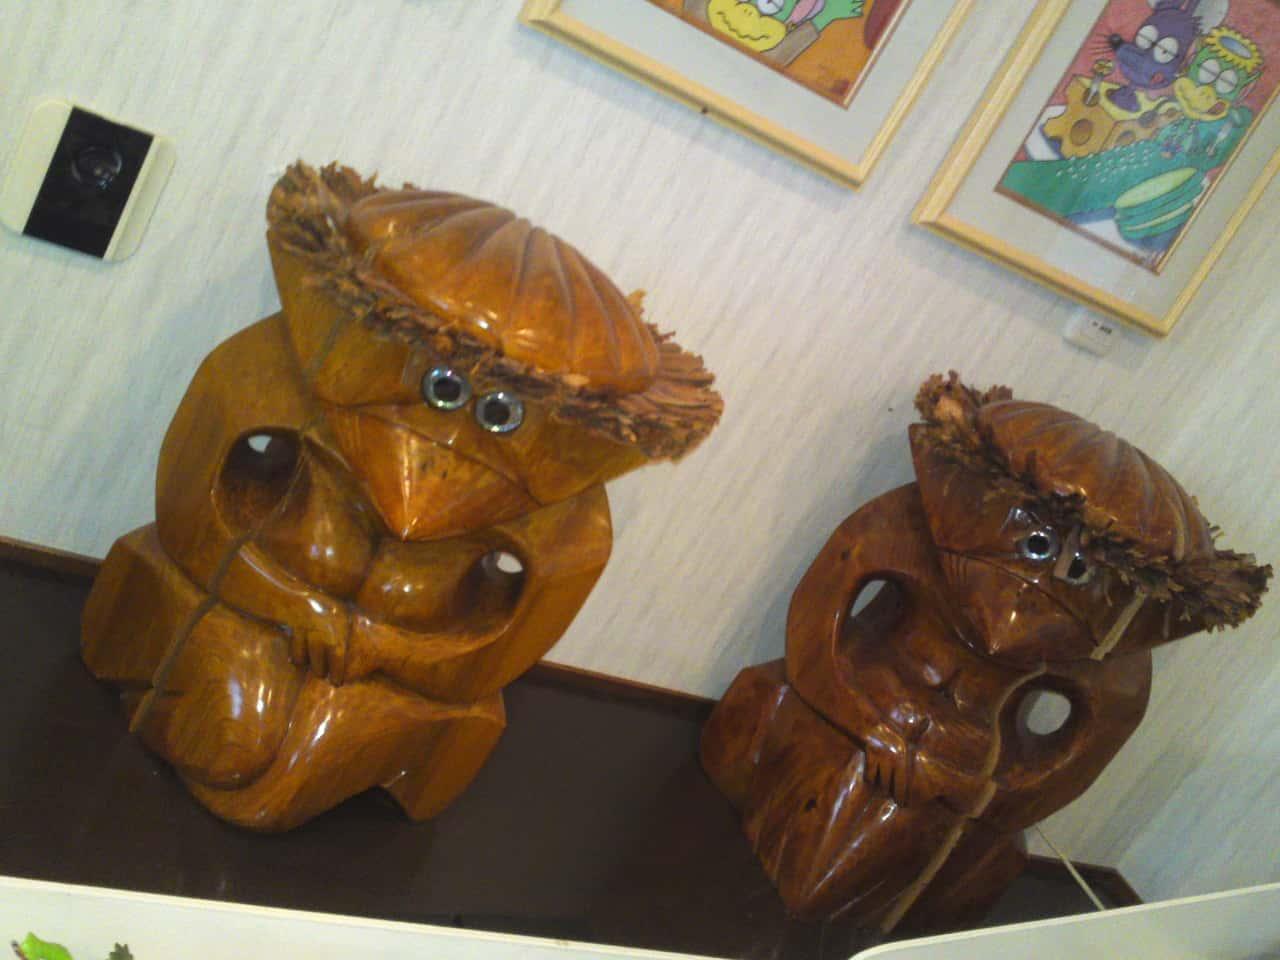 SCollection de Kappa au Musée de Kappa de Tach-chan's dans la Ville de Yaizu, ceux de la préfecture d'Iwate